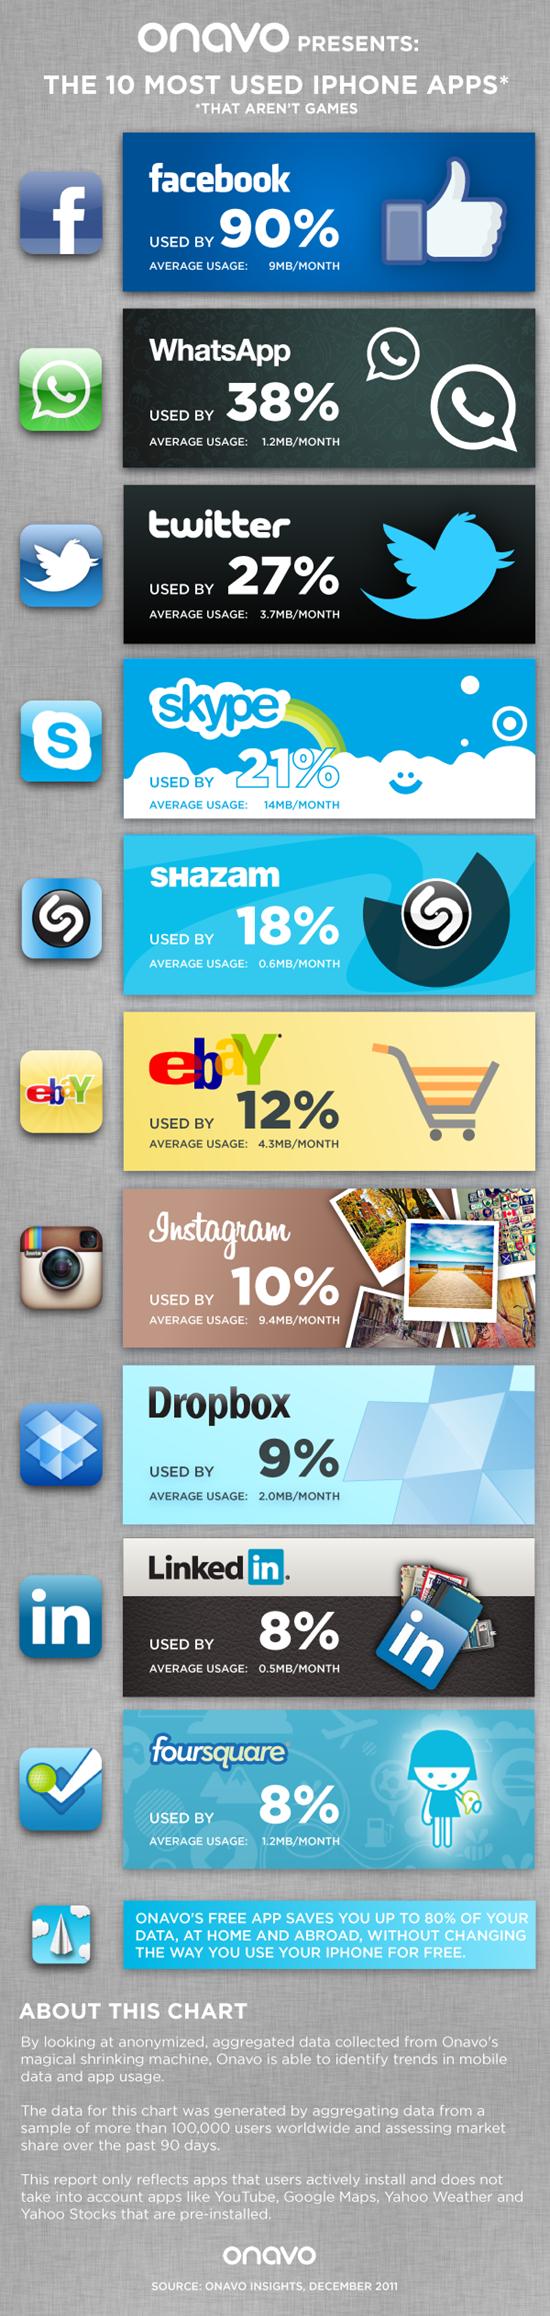 Top10MostUsediPhoneApps_4ee5f954bdeb1